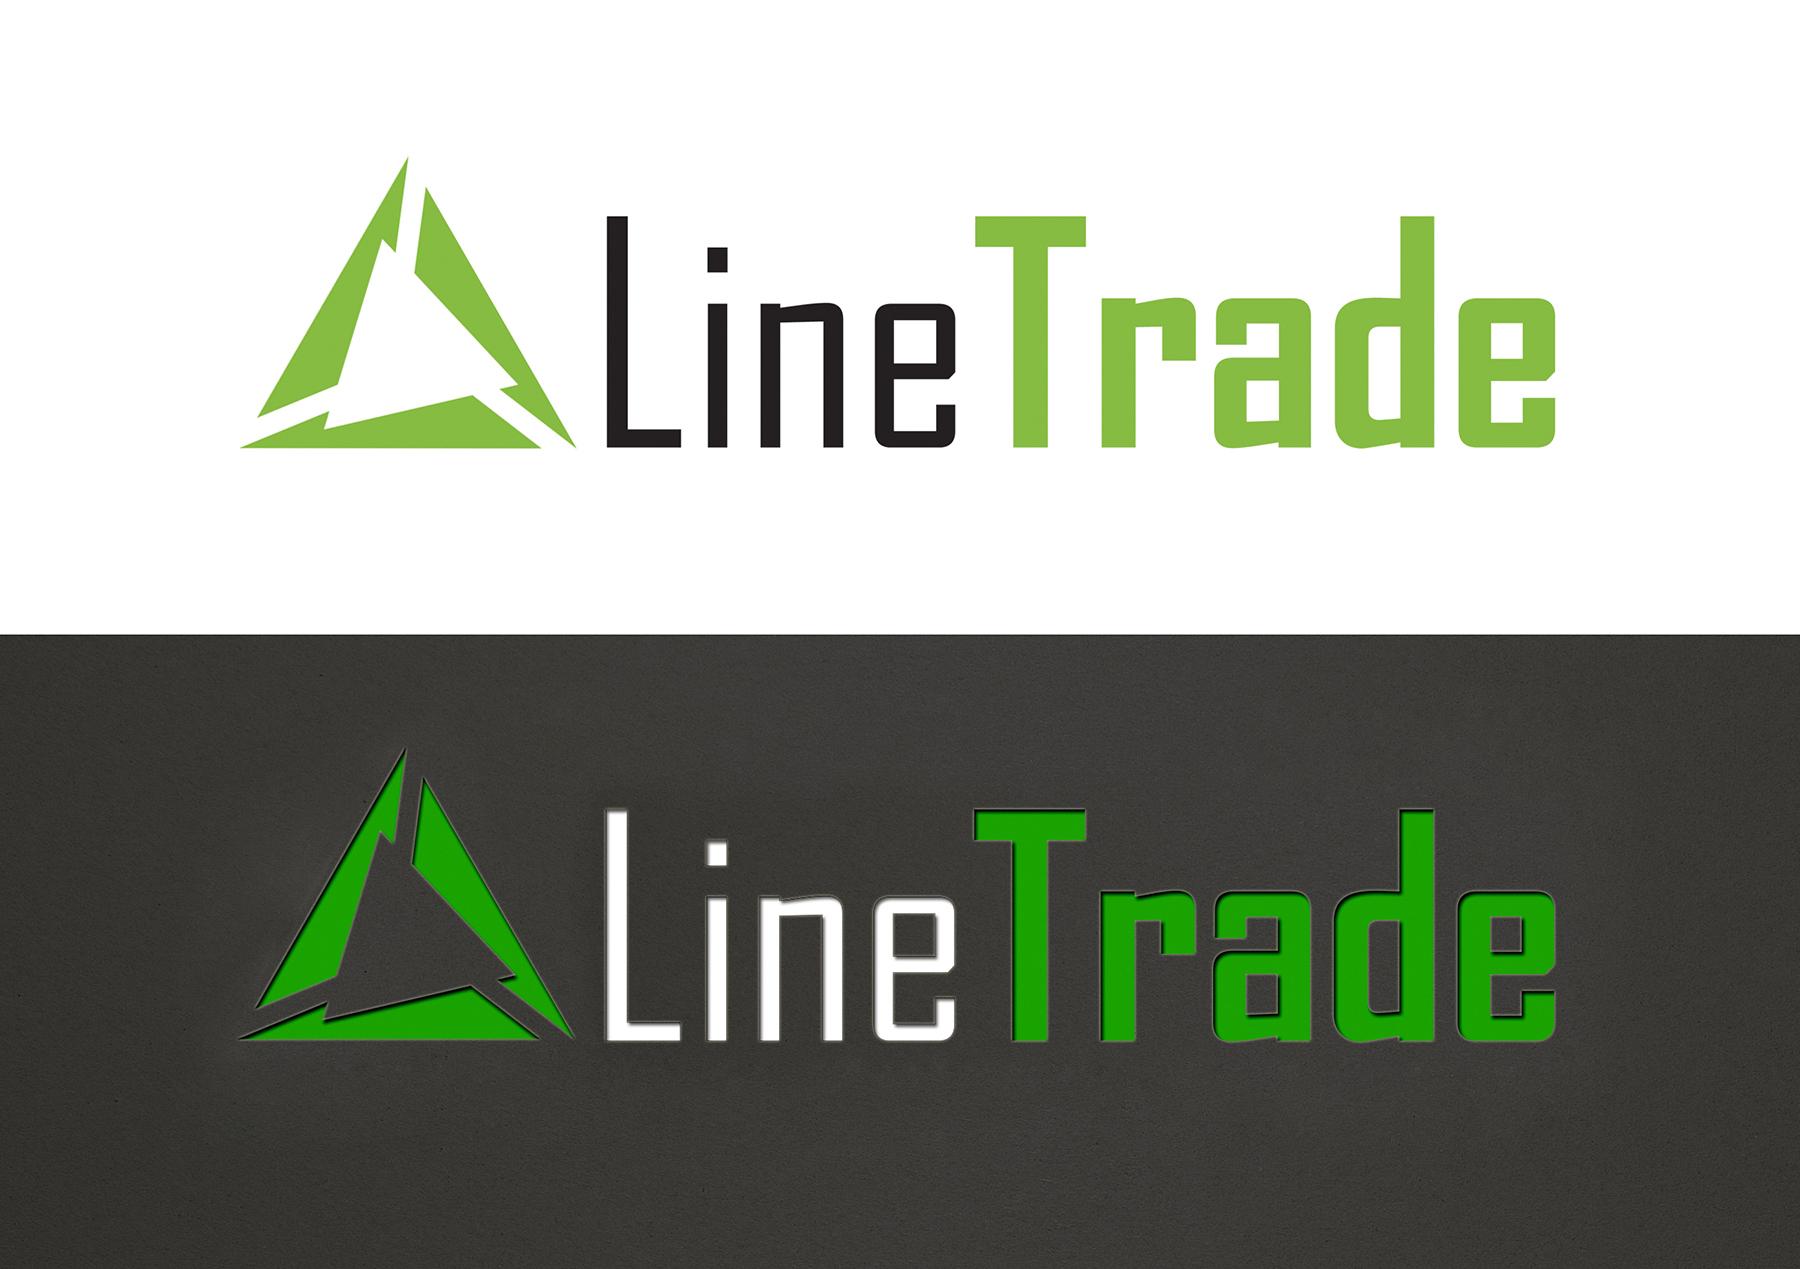 Разработка логотипа компании Line Trade фото f_75750fd4e00d310c.jpg